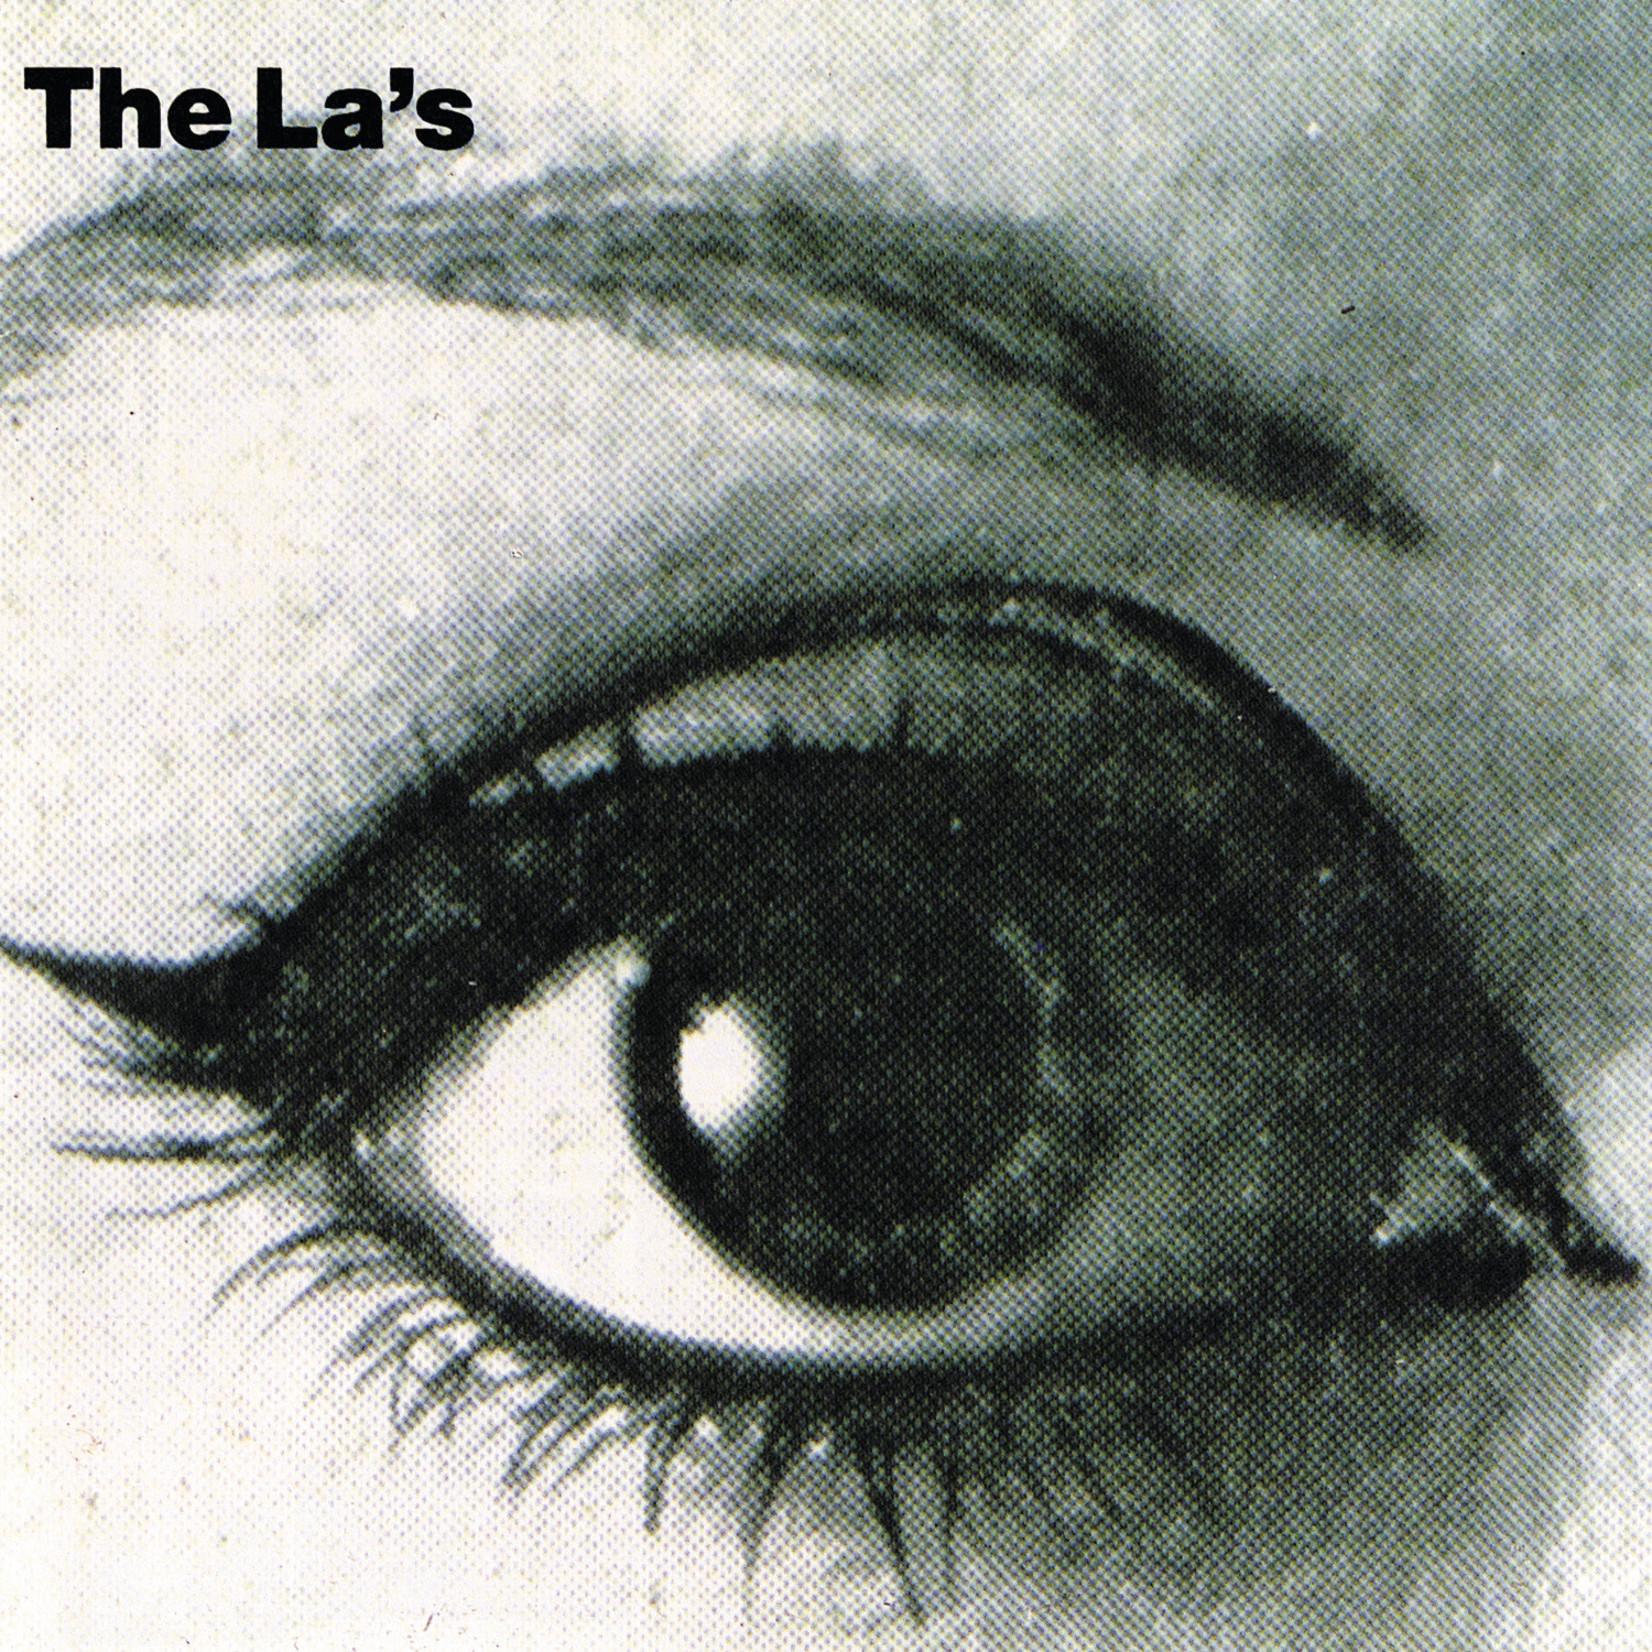 [New] La's: self-titled